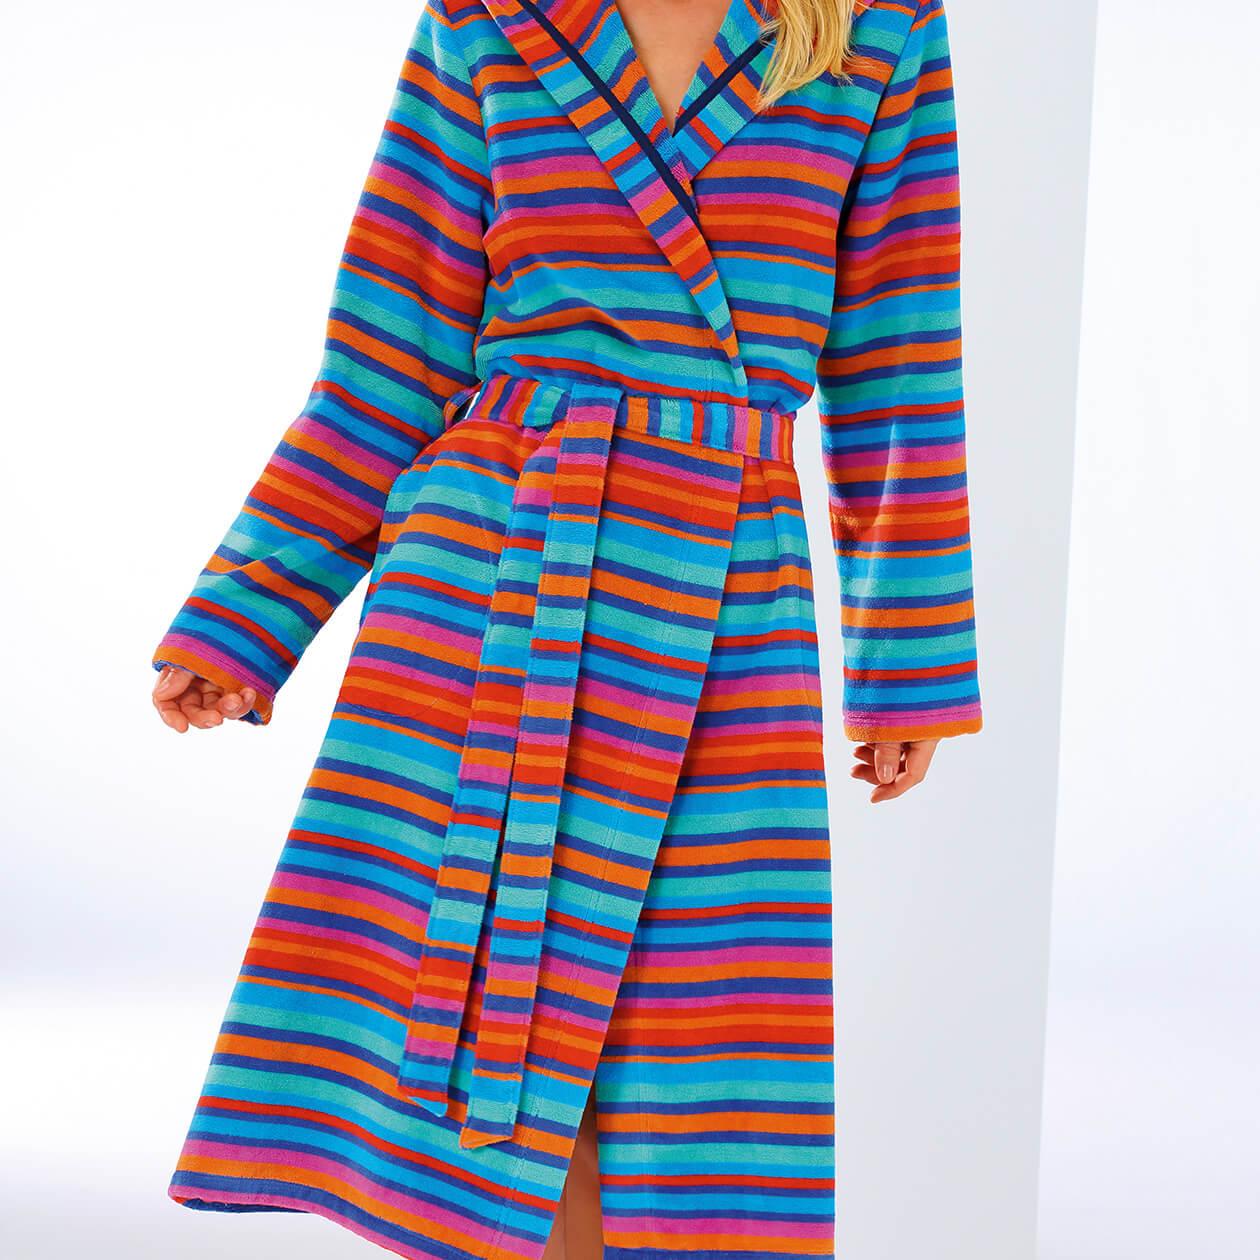 Cawö Damen Bademantel Kimono Art 1228 - Farbe: multicolor - 12 Detailbild 3